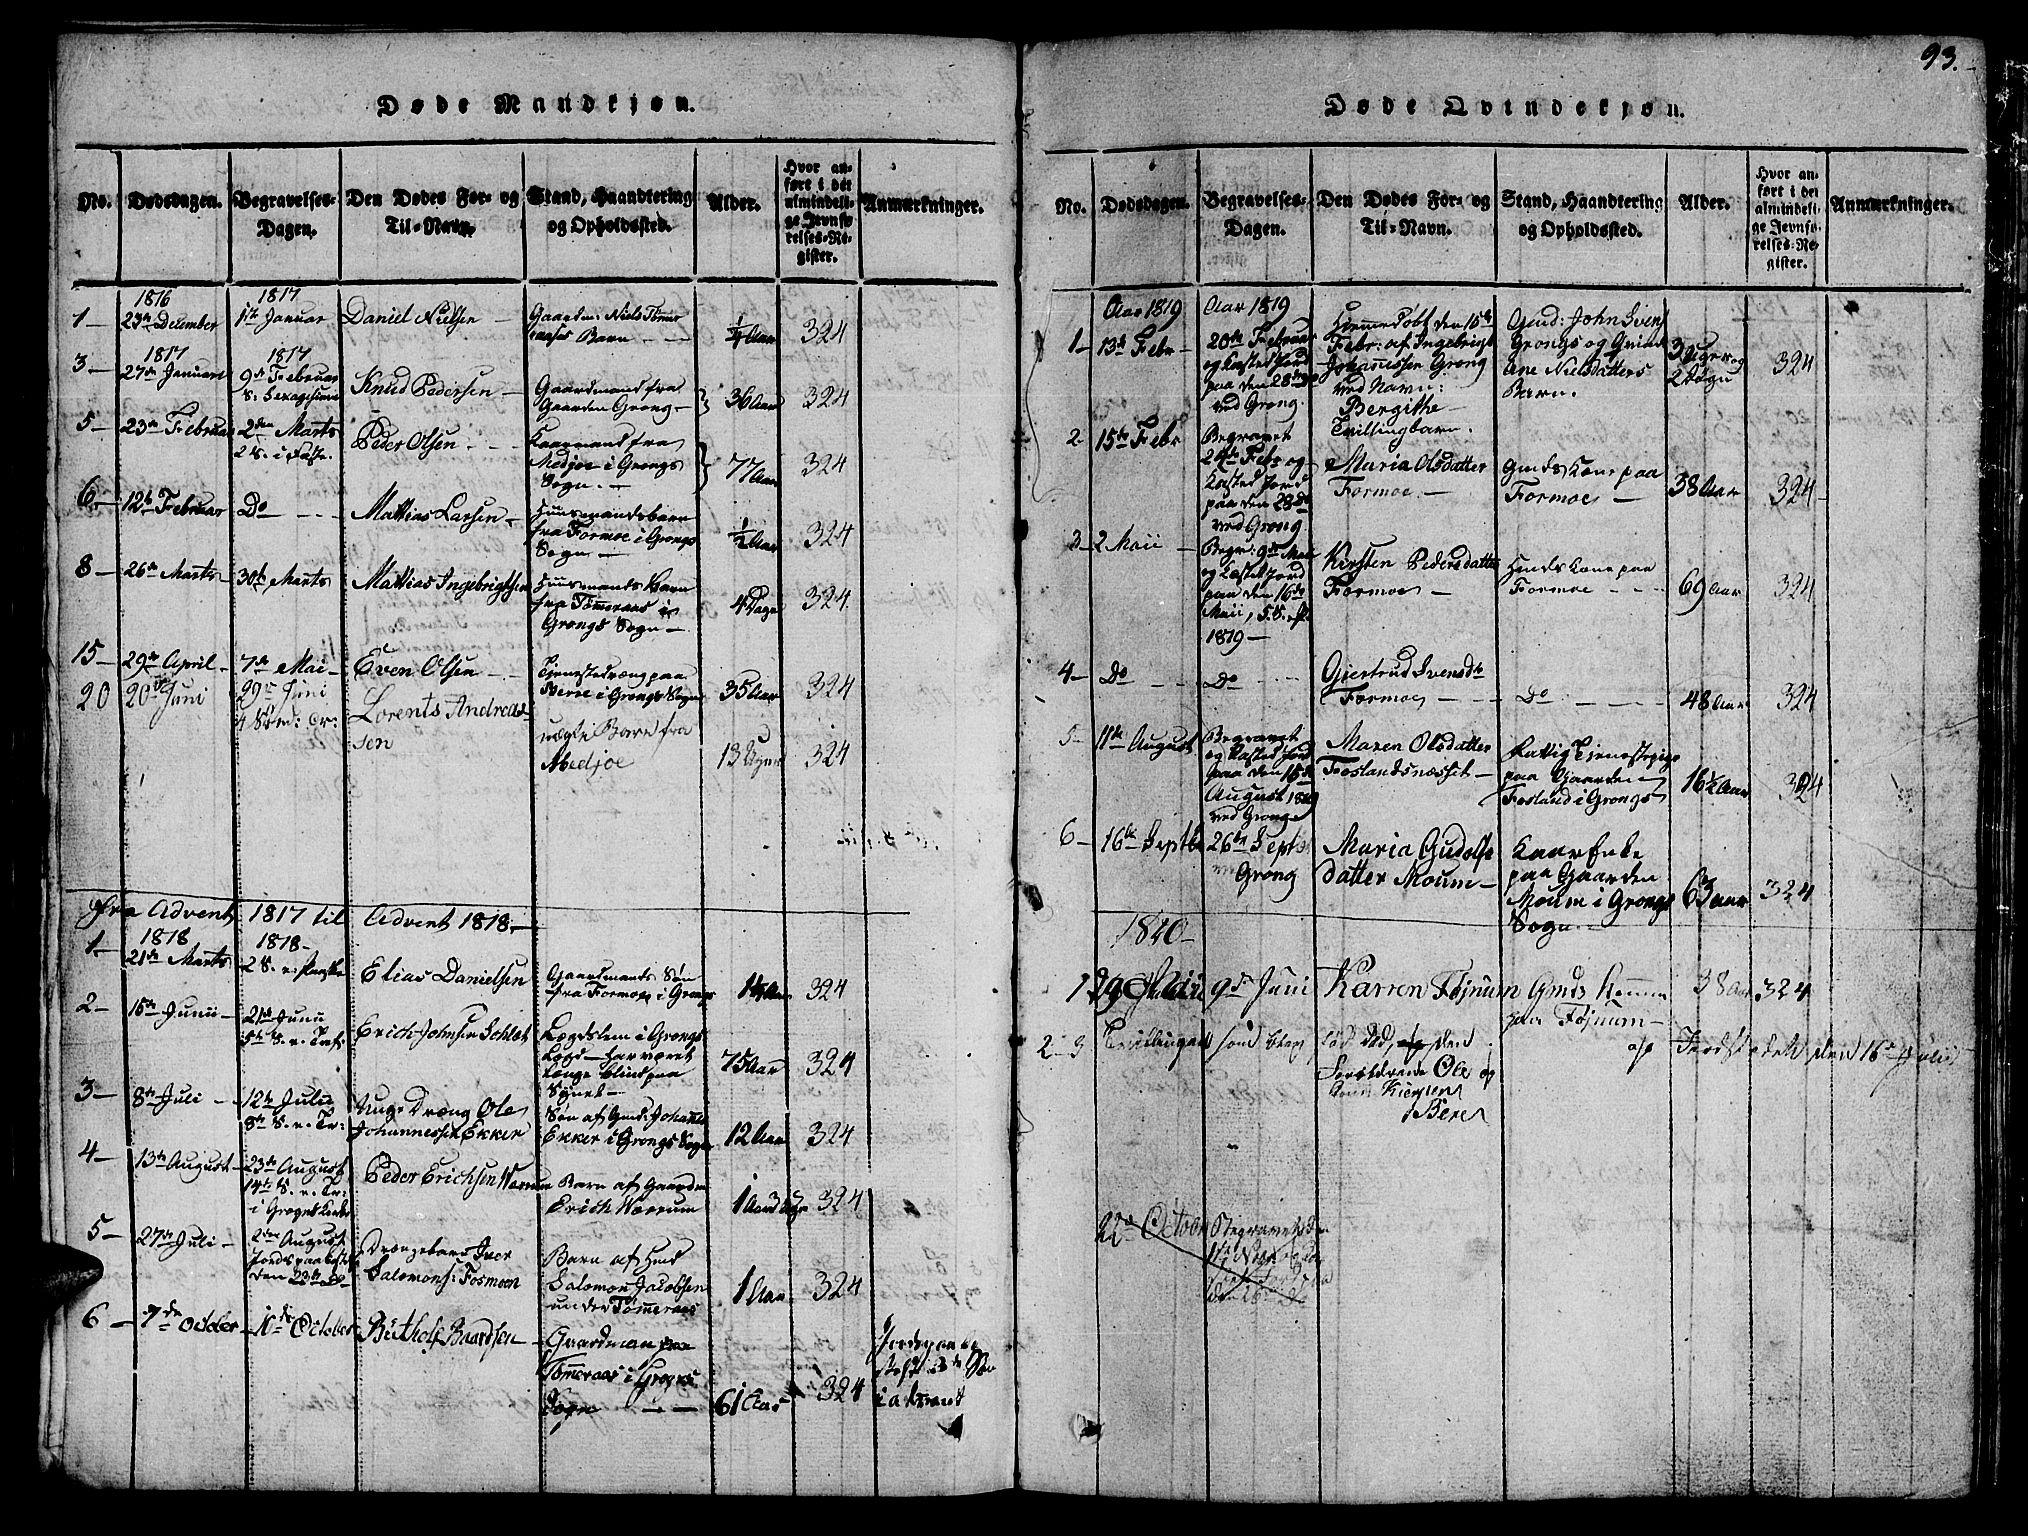 SAT, Ministerialprotokoller, klokkerbøker og fødselsregistre - Nord-Trøndelag, 758/L0521: Klokkerbok nr. 758C01, 1816-1825, s. 93